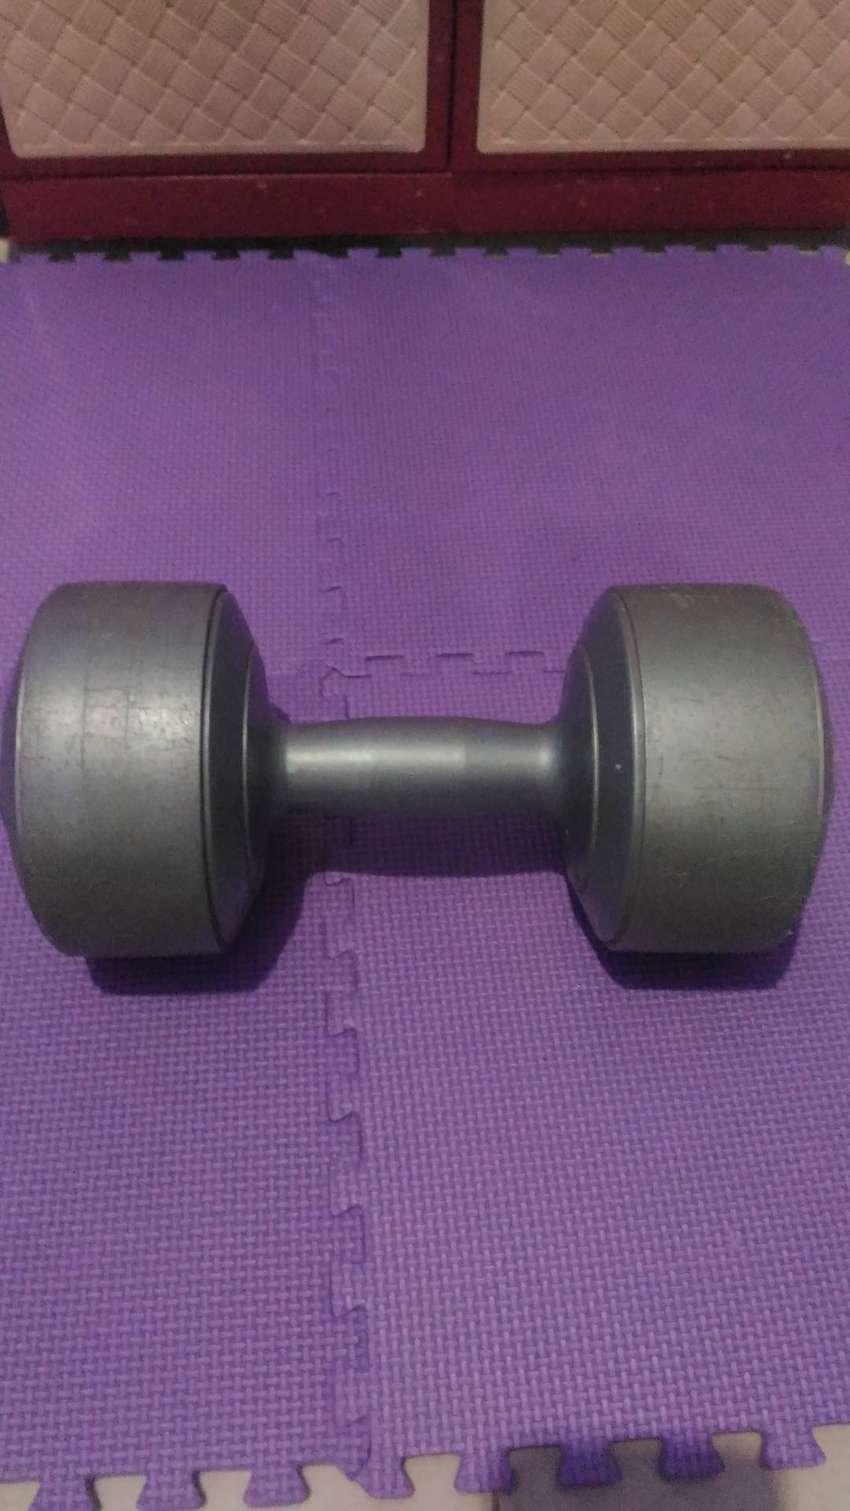 Stamina dumbell barbel 5 kg good condition 0